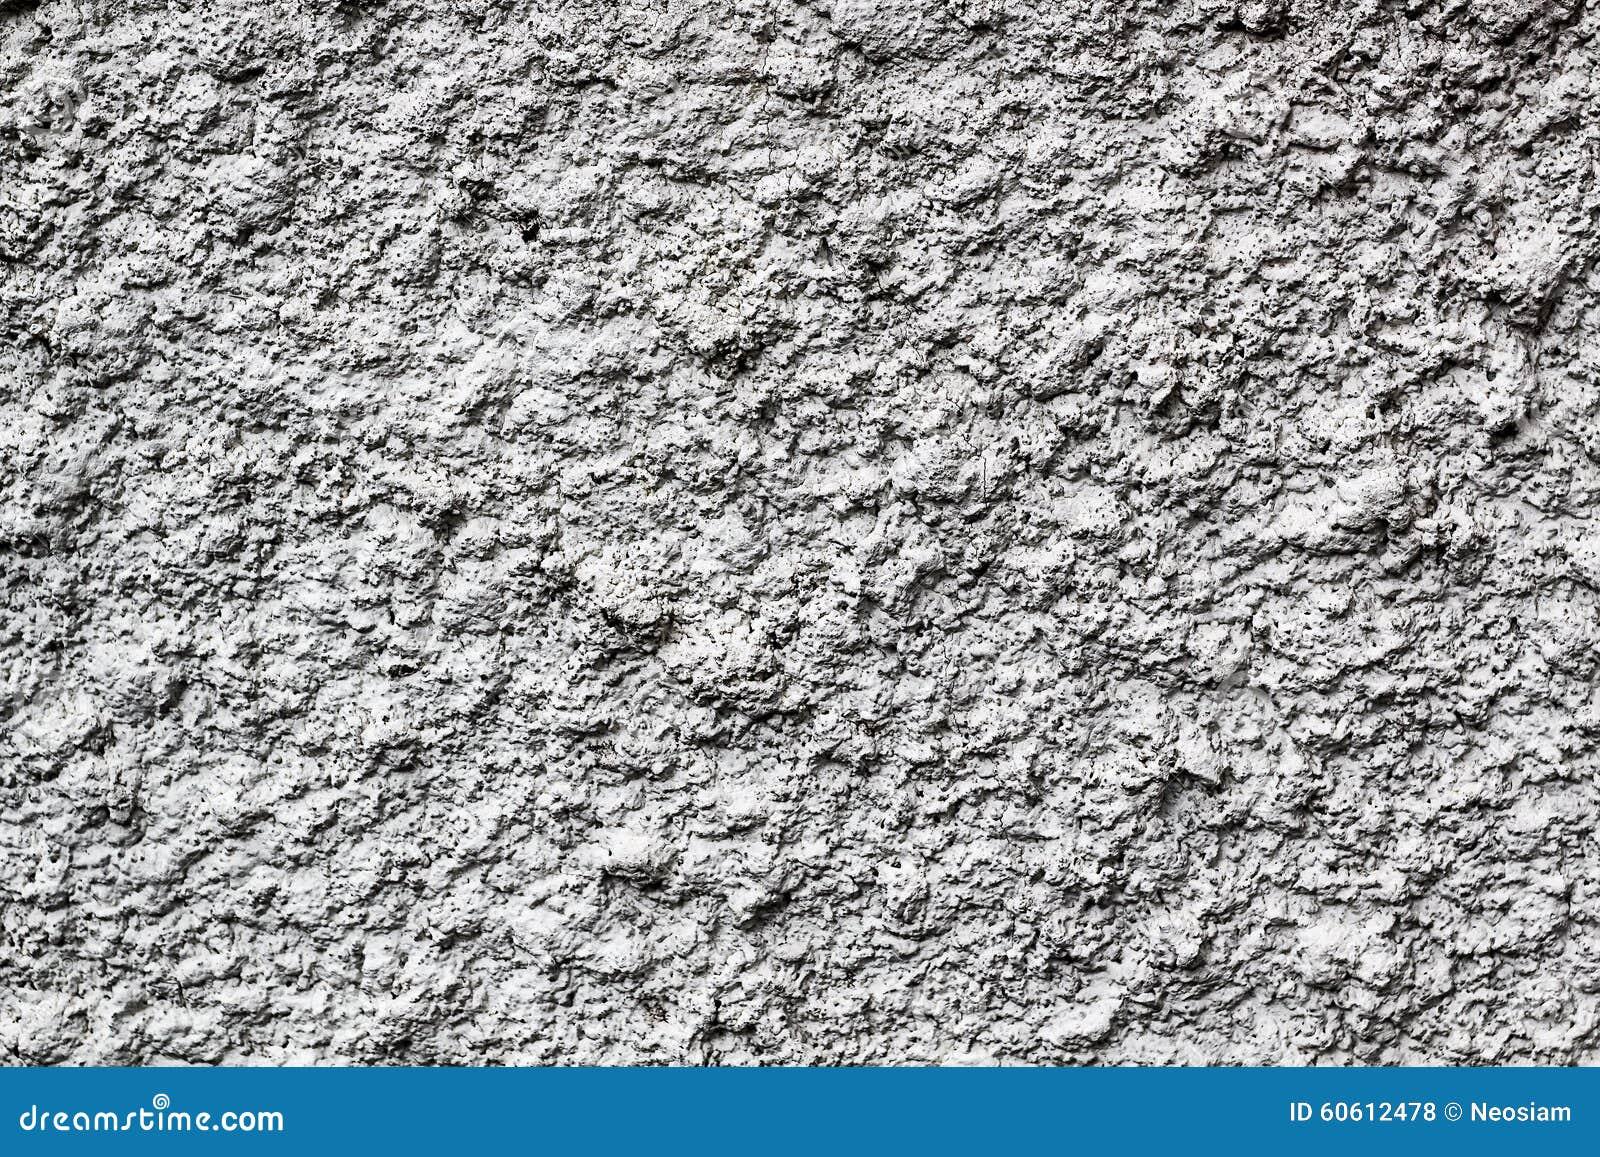 ... ://thumbs.dreamstime.com/z/muro-di-cemento-ruvido-sporco-60612478.jpg